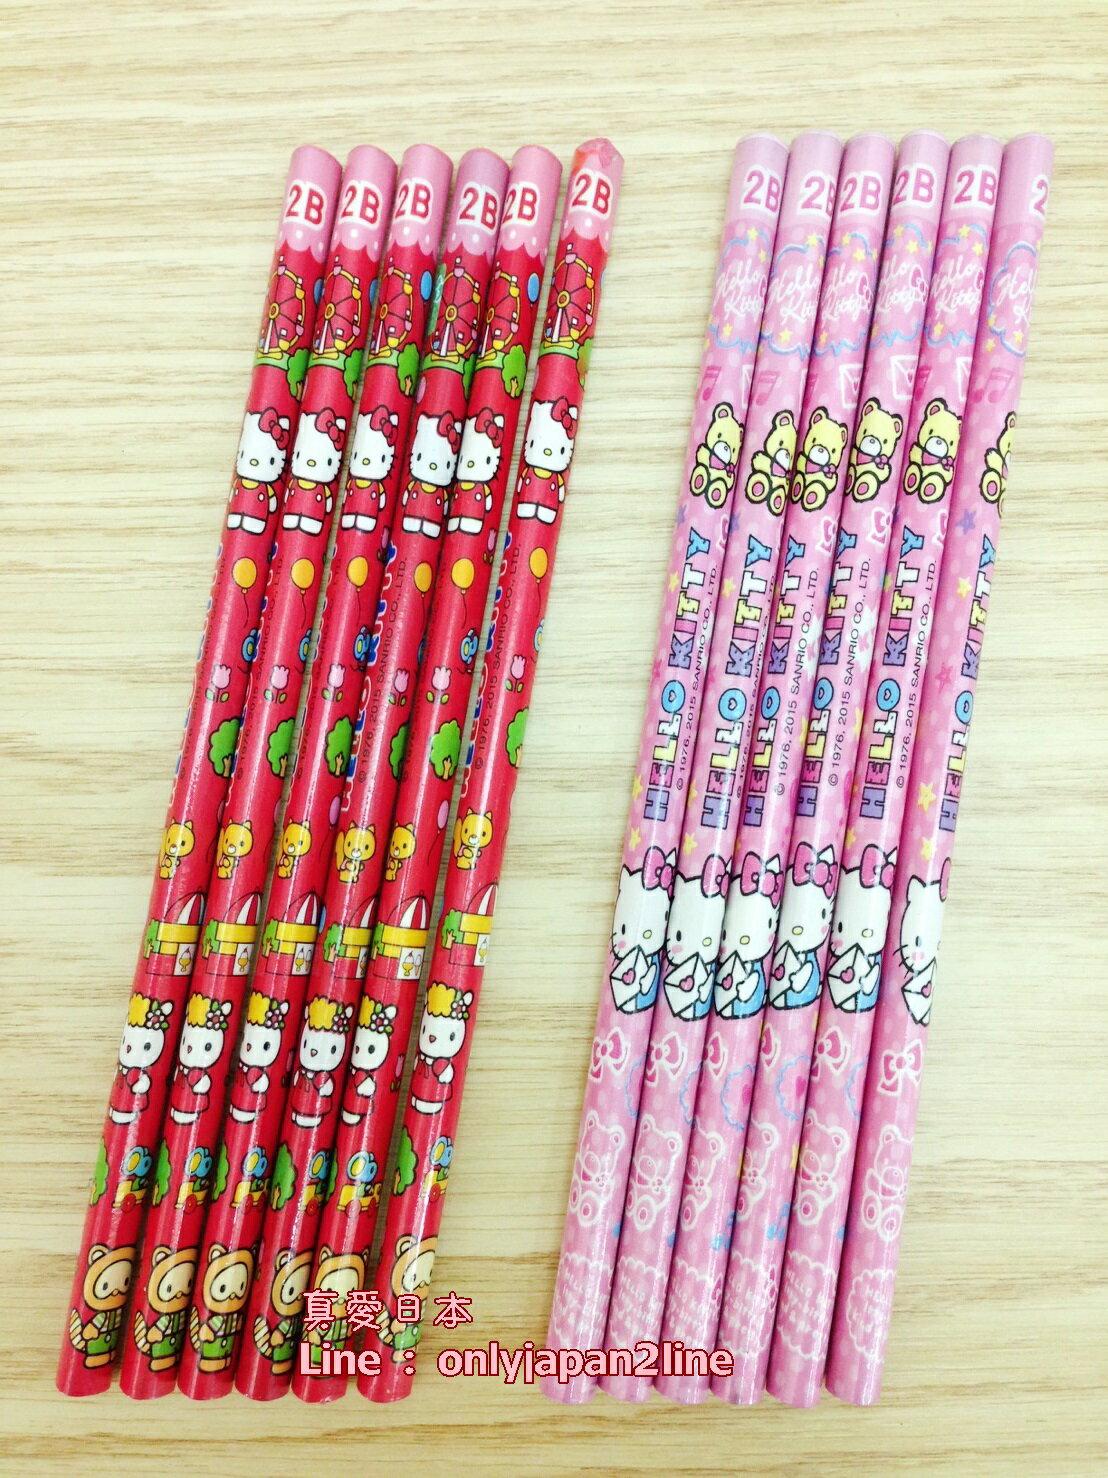 【真愛日本】16052700008KT塗頭三角木頭鉛筆6入-兩款   三麗鷗 Hello Kitty 凱蒂貓   鉛筆  文具用品